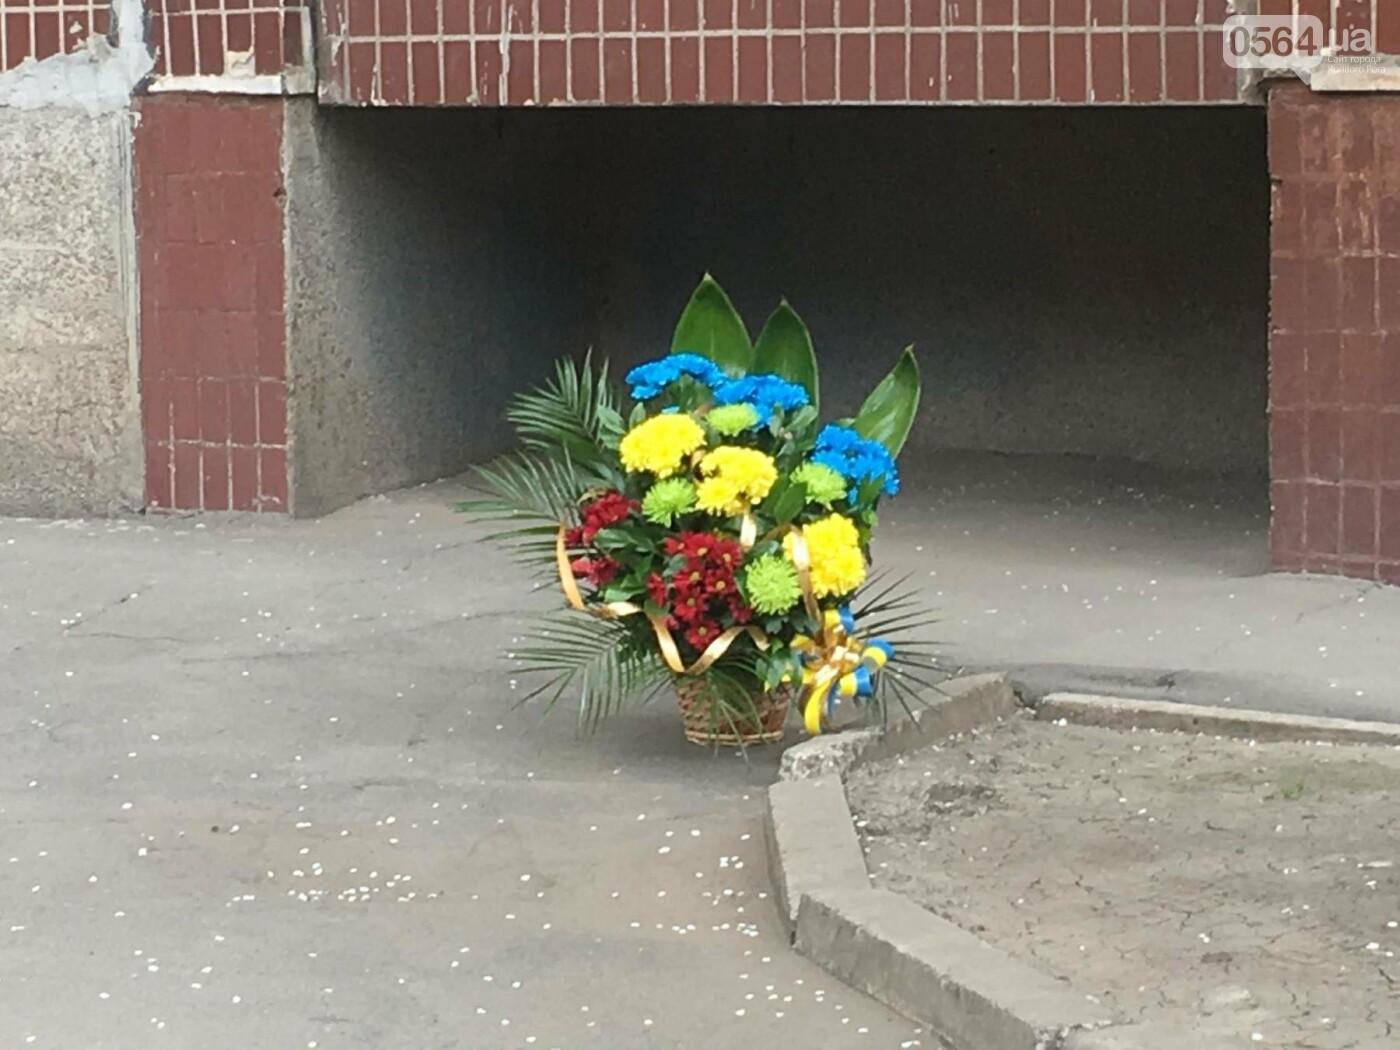 Кривой Рог прощается с 20-летним Героем. Одноклассники вспоминают, каким он был в школе (ФОТО), фото-5